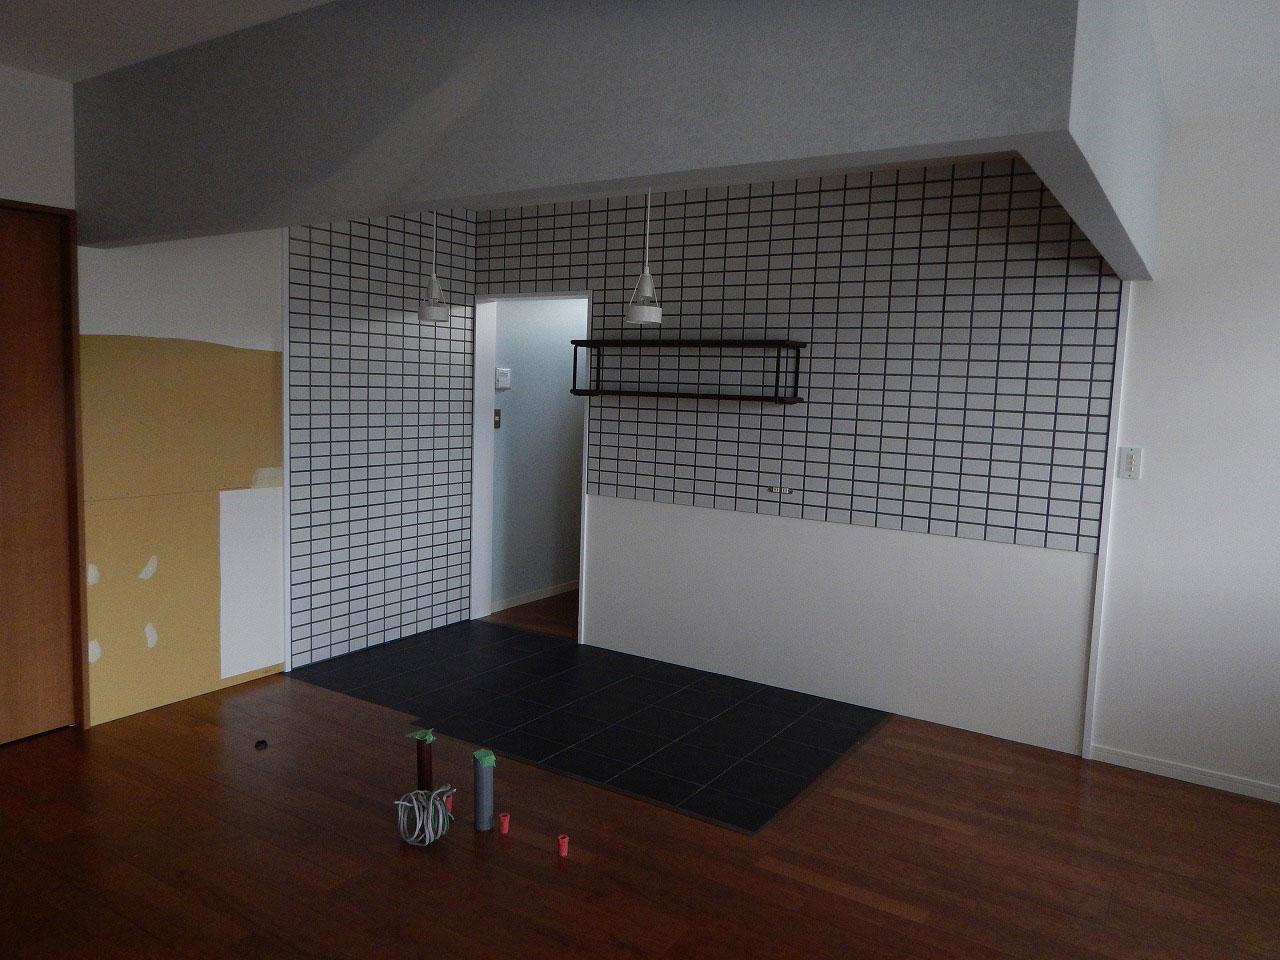 ステンレスオーダーキッチン リビング側カウンター下収納をブラックチェリーで 686イメージ-4